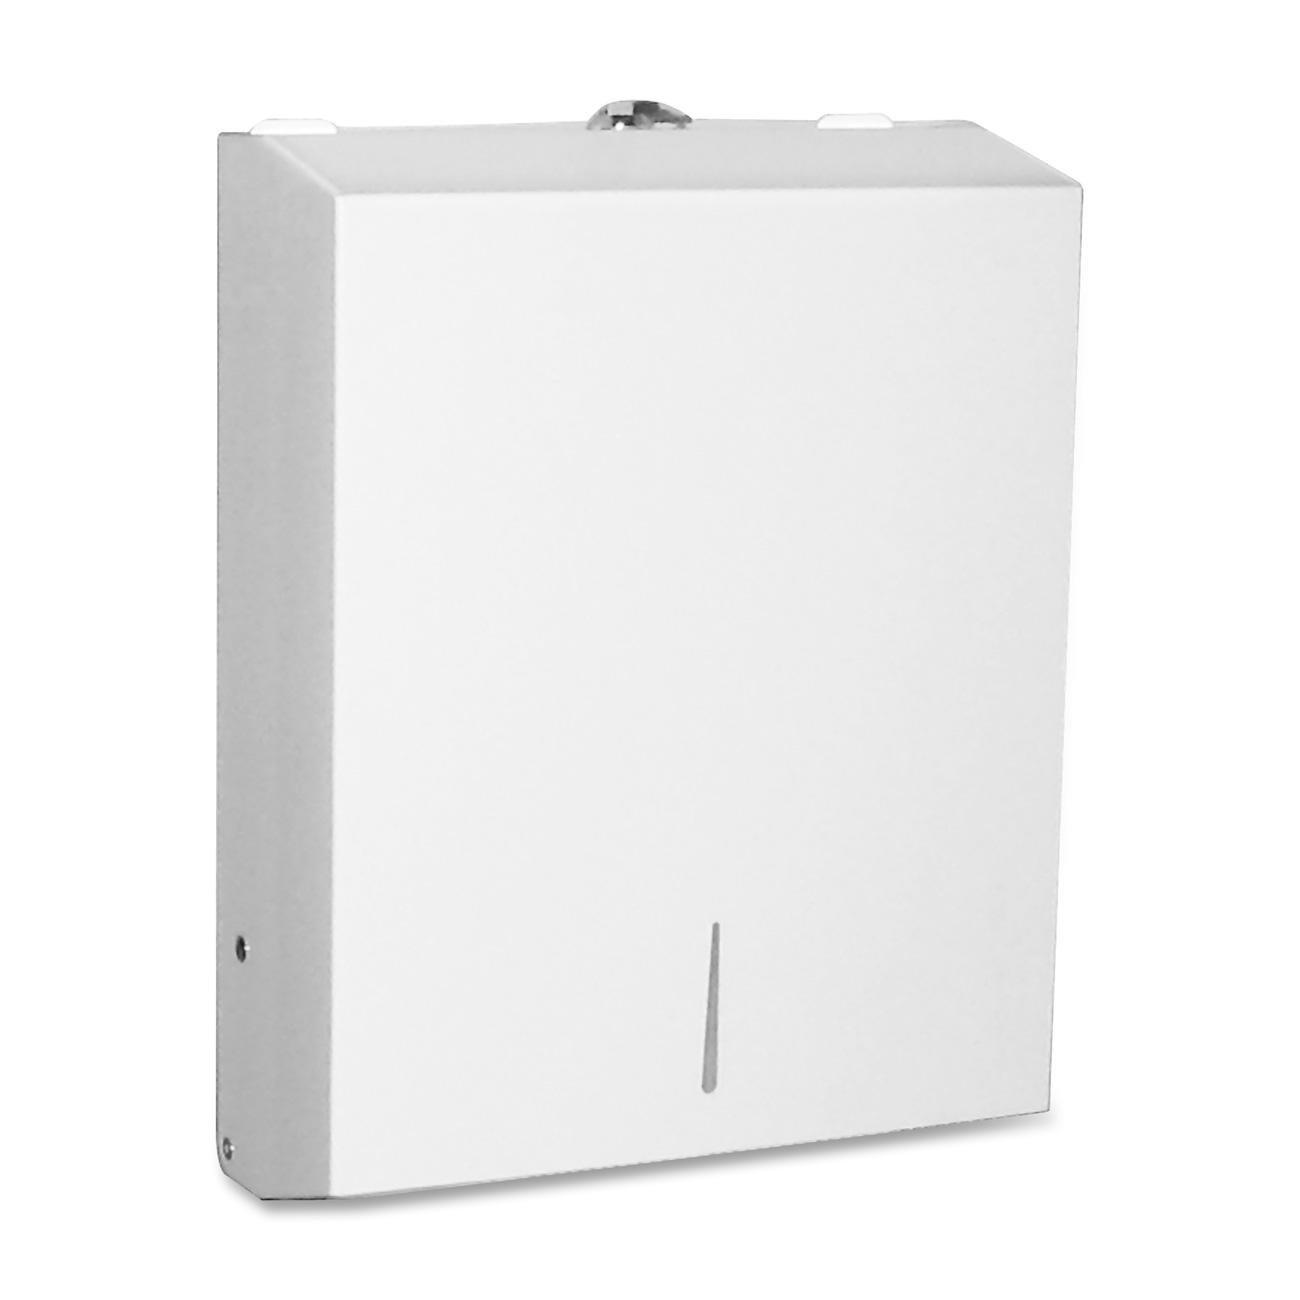 Genuine Joe GJO02197 C-Fold/ Multi Towel Cabinets, Stainless Steel